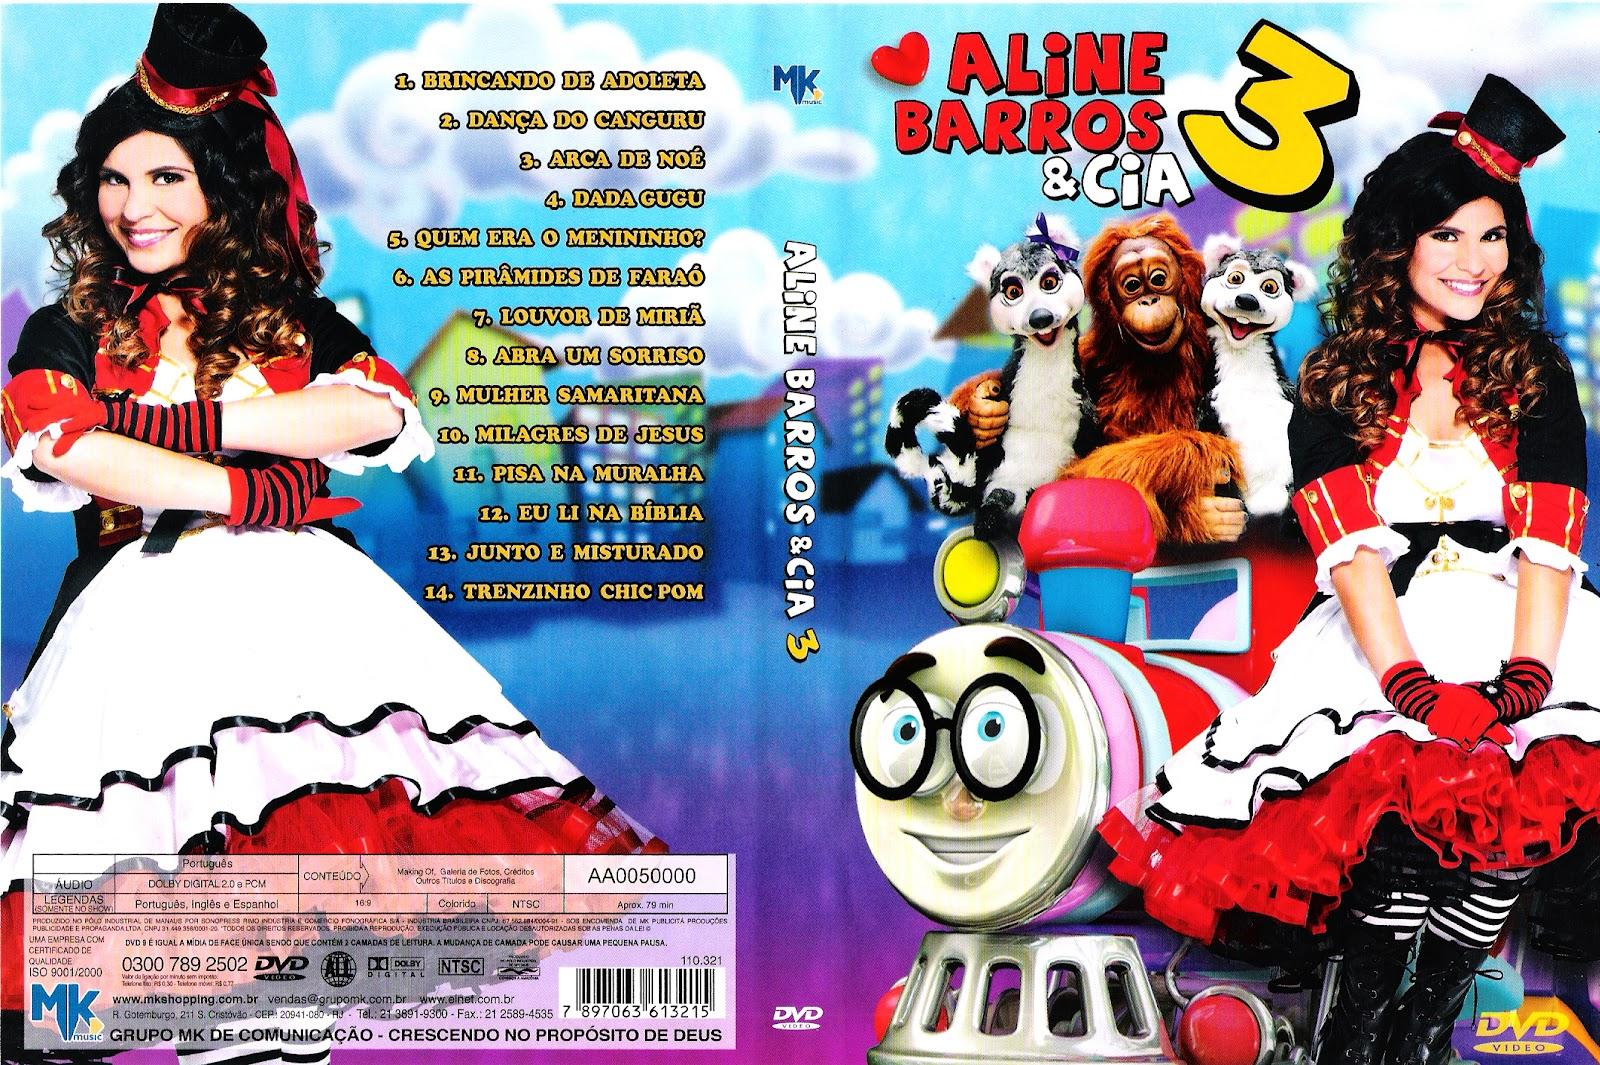 Aline Barros Aline Barros & Cia 2 vecostar - capas de dvd's: capa dvd - aline barros & cia 3